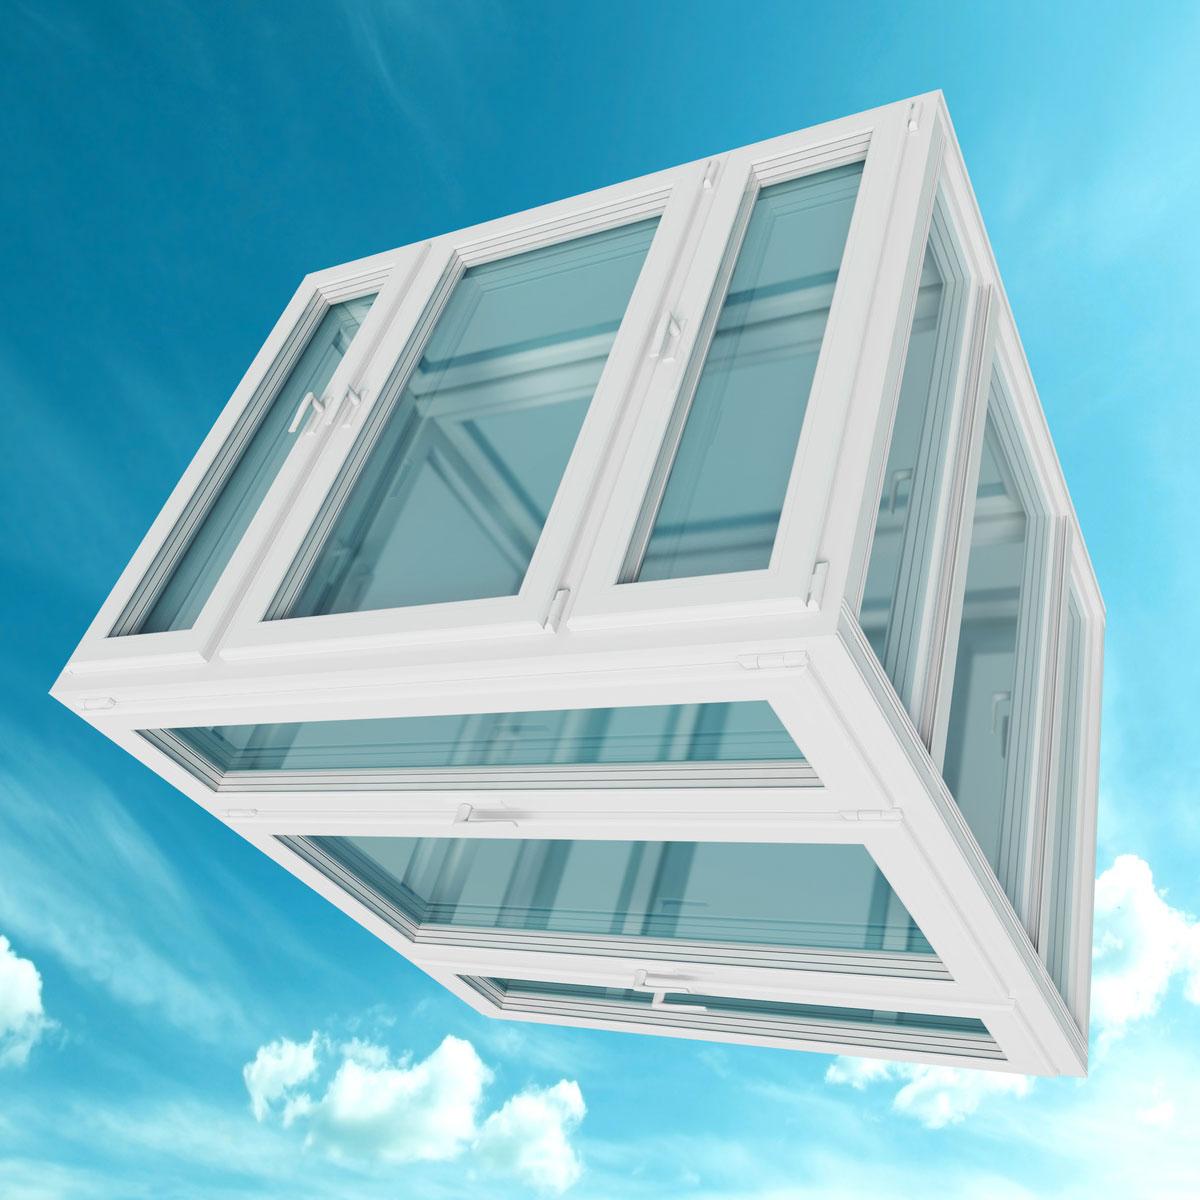 cube fenêtre ciel